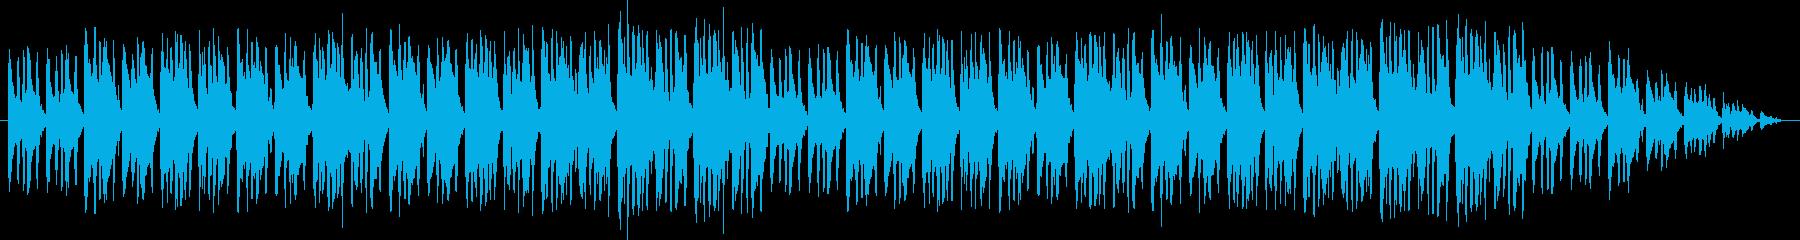 昭和・大正時代の日常BGM(あ~あ、失敗の再生済みの波形